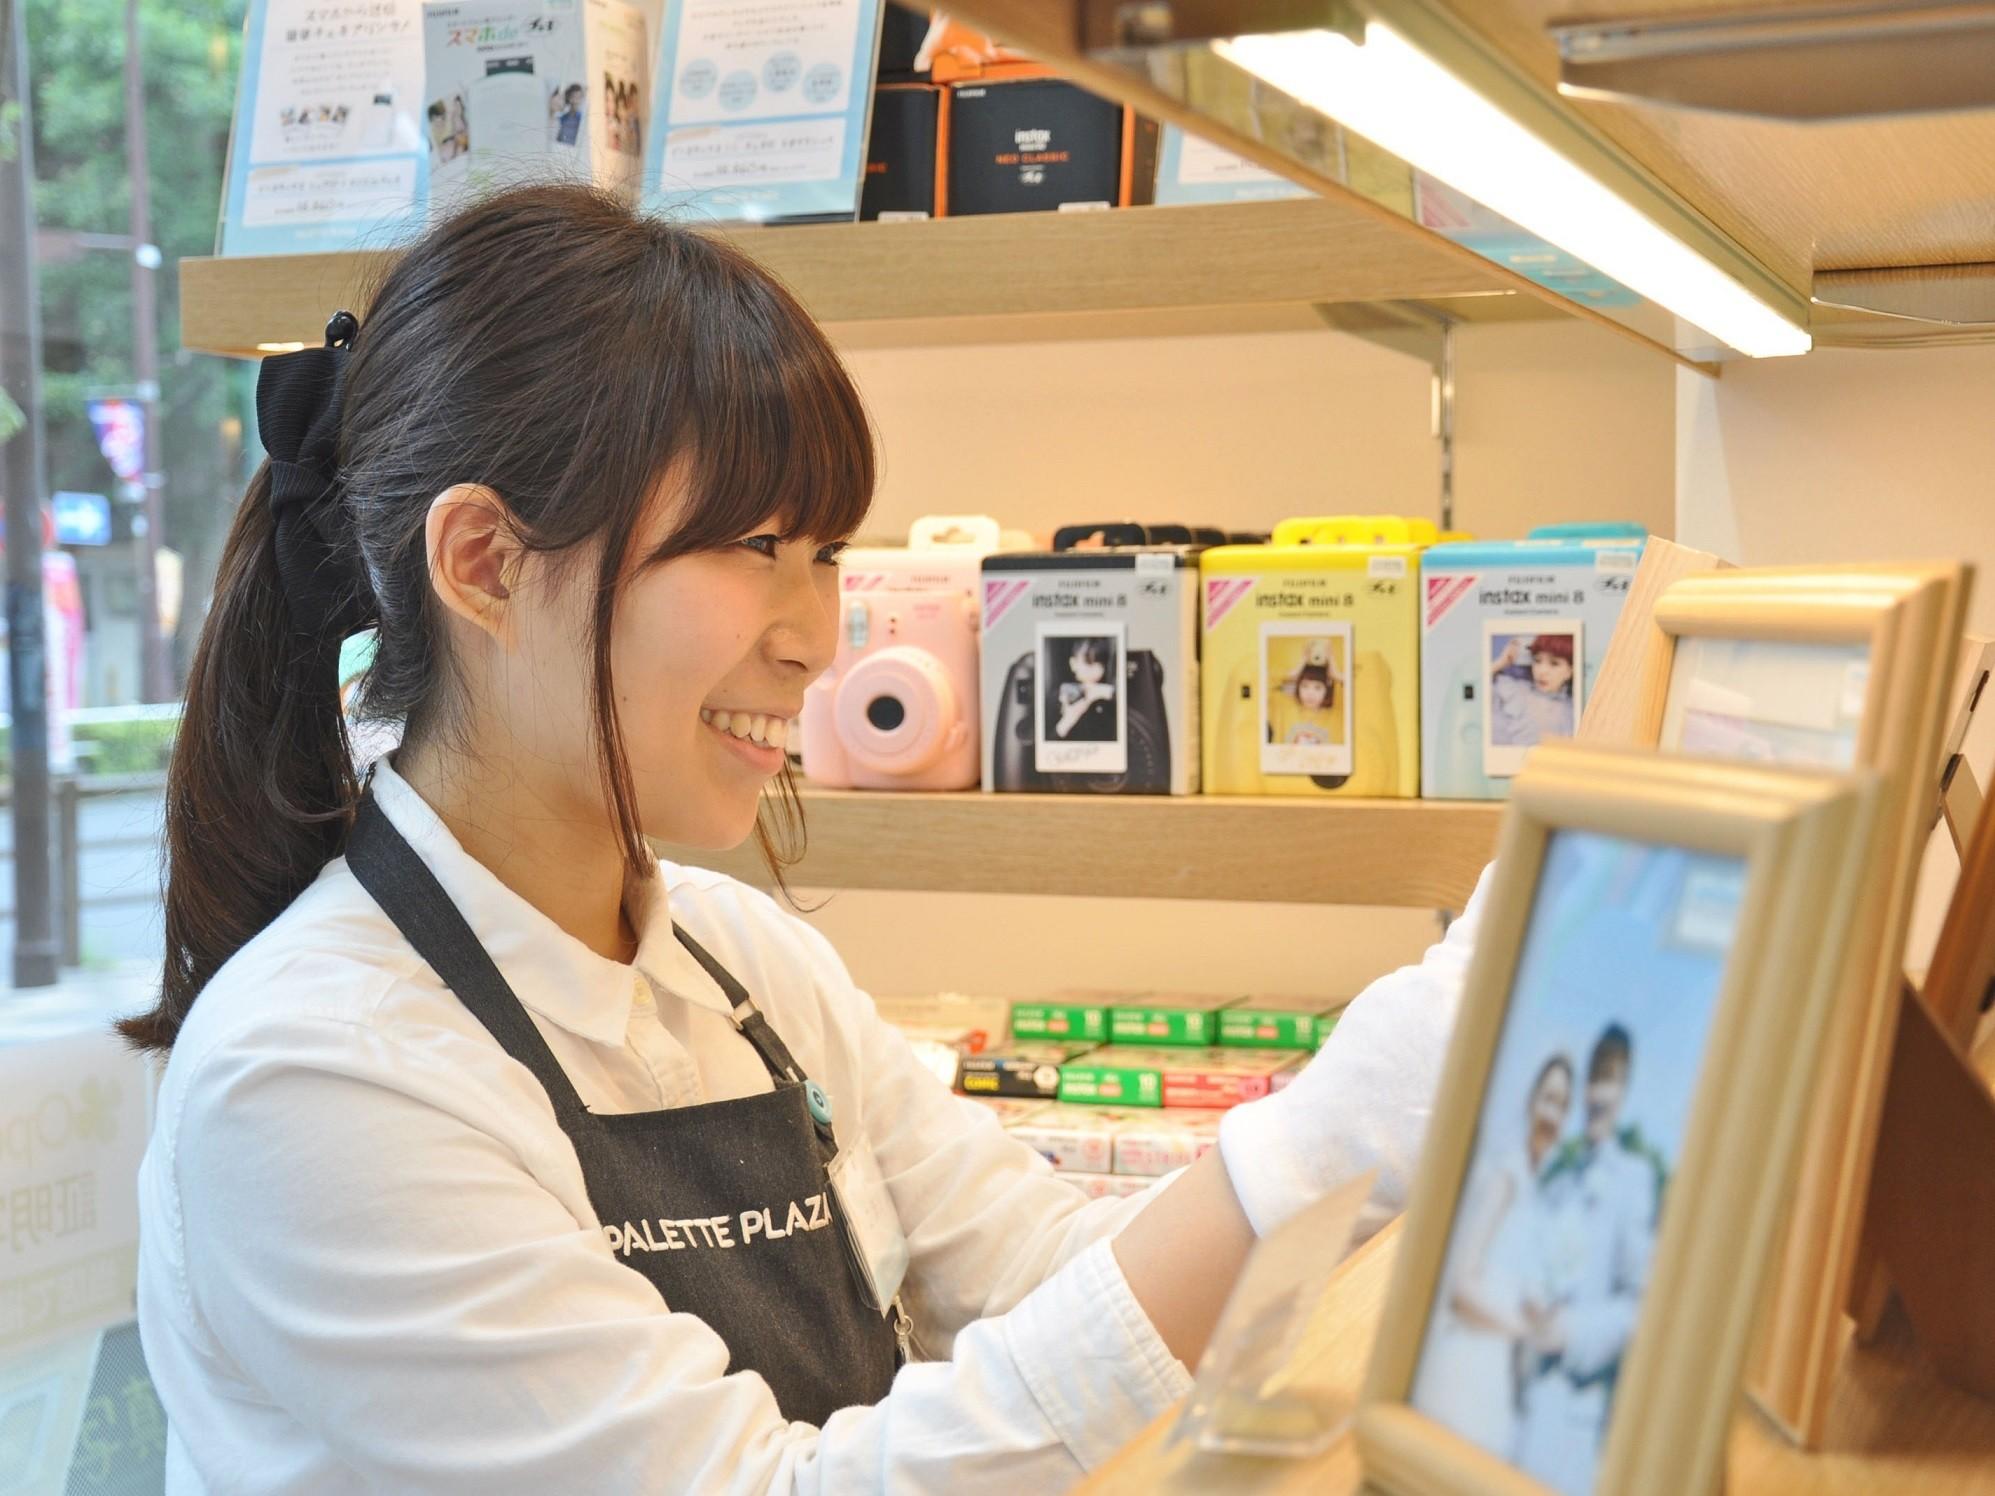 パレットプラザ イオンスタイル笹丘店 のアルバイト情報